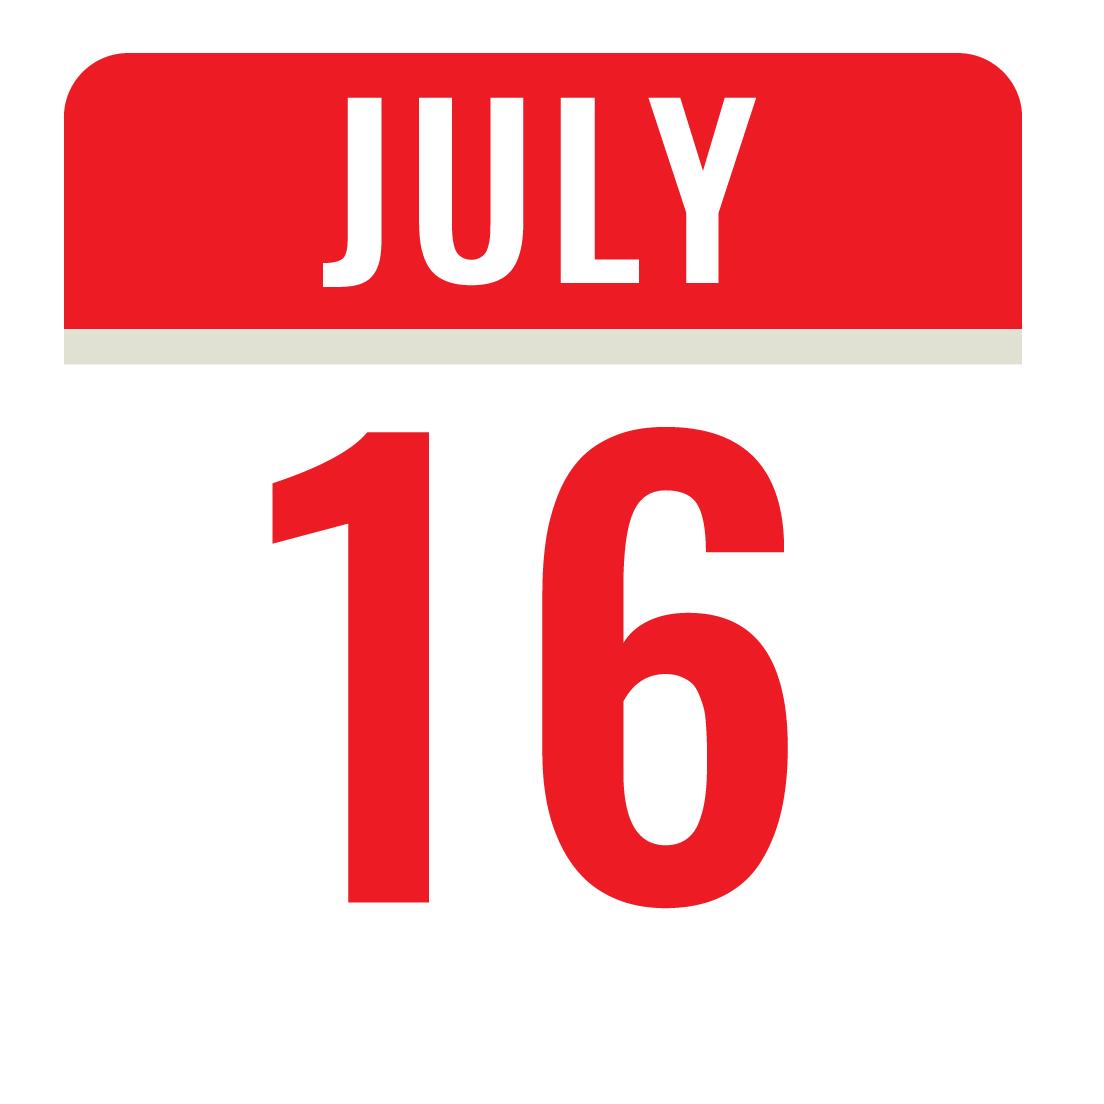 jULY-16